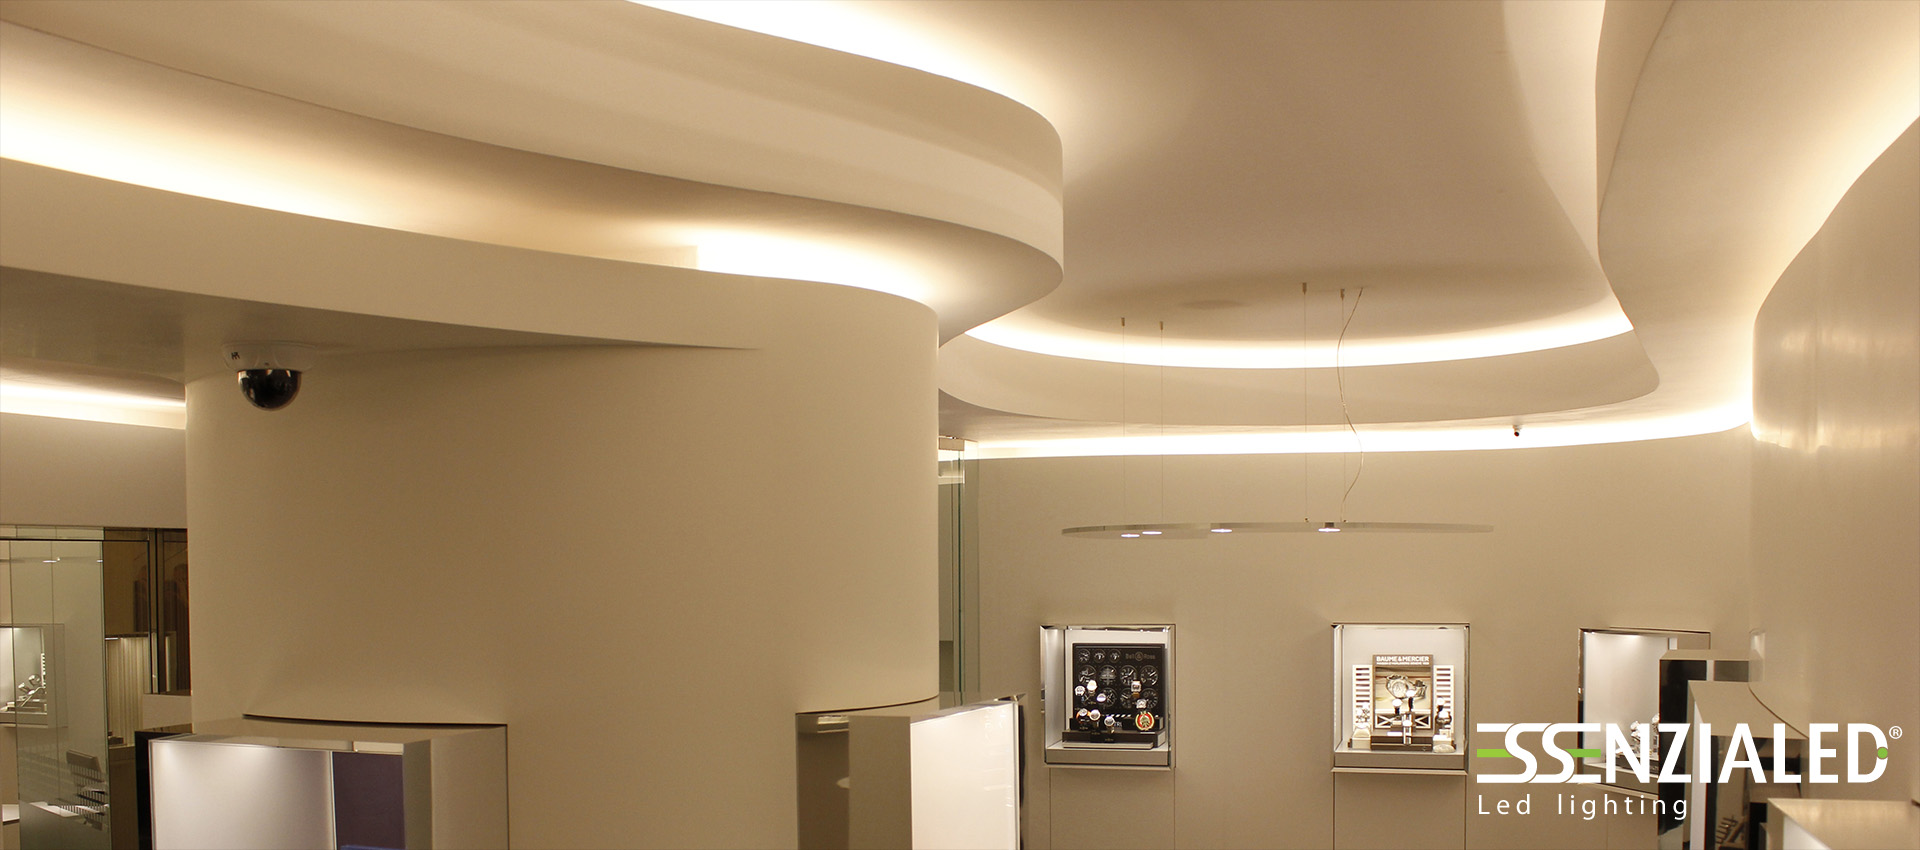 Illuminazione led per negozi made in italy for Faretti al led per interni